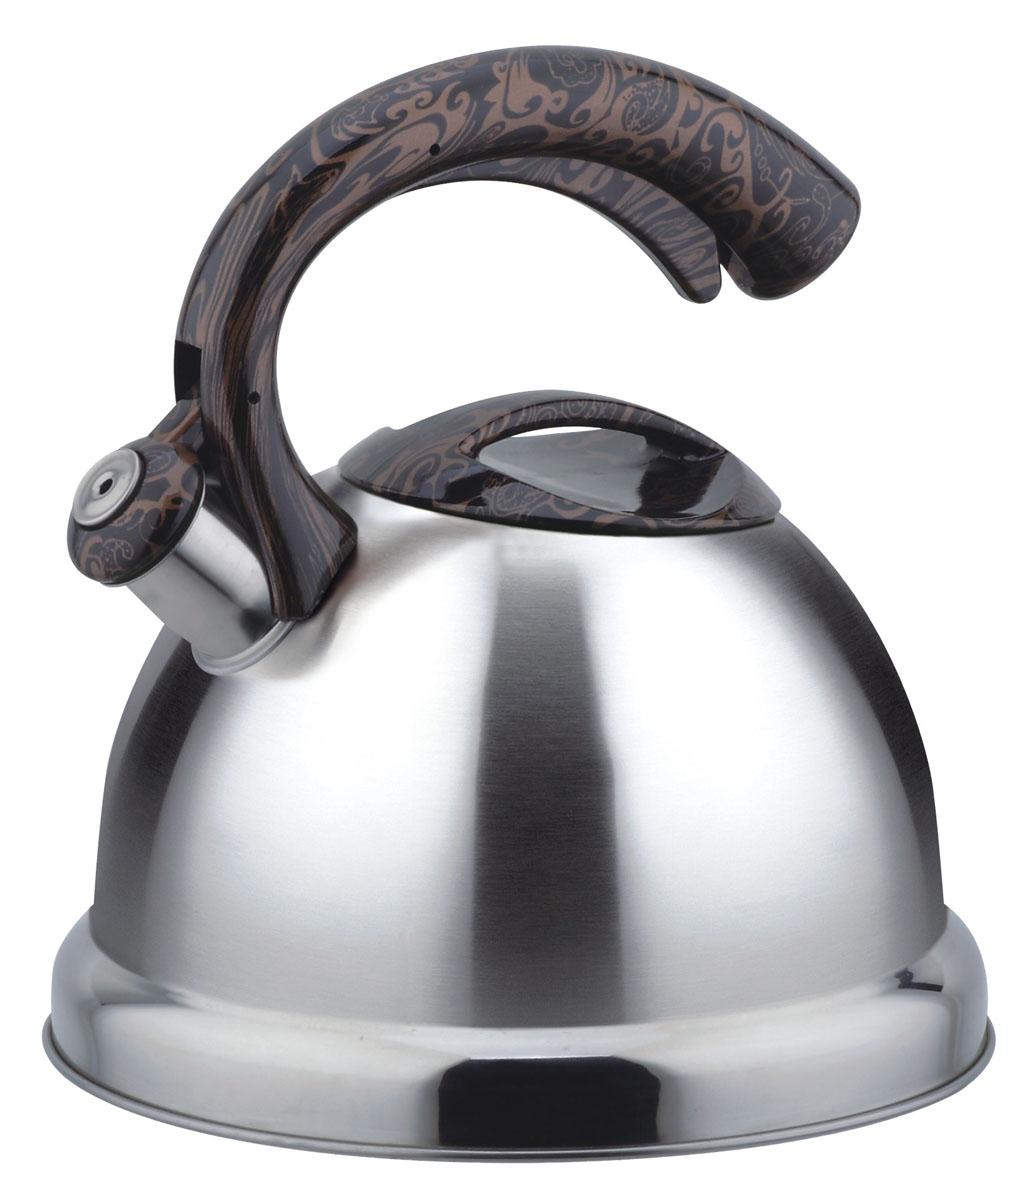 Чайник Bekker Koch со свистком, 3 л. BK-S454VT-1520(SR)Чайник Bekker Koch изготовлен из высококачественной нержавеющей стали 18/10. Поверхность матовая с зеркальной полосой по нижнему краю. Цельнометаллическое дно распределяет тепло по всей поверхности, что позволяет чайнику быстро закипать. Крышка и эргономичная фиксированная ручка выполнены из бакелита с изящным узором. Носик оснащен откидным свистком, который подскажет, когда вода закипела. Свисток открывается и закрывается нажатием рычага на ручке. Подходит для всех типов плит, включая индукционные. Можно мыть в посудомоечной машине.